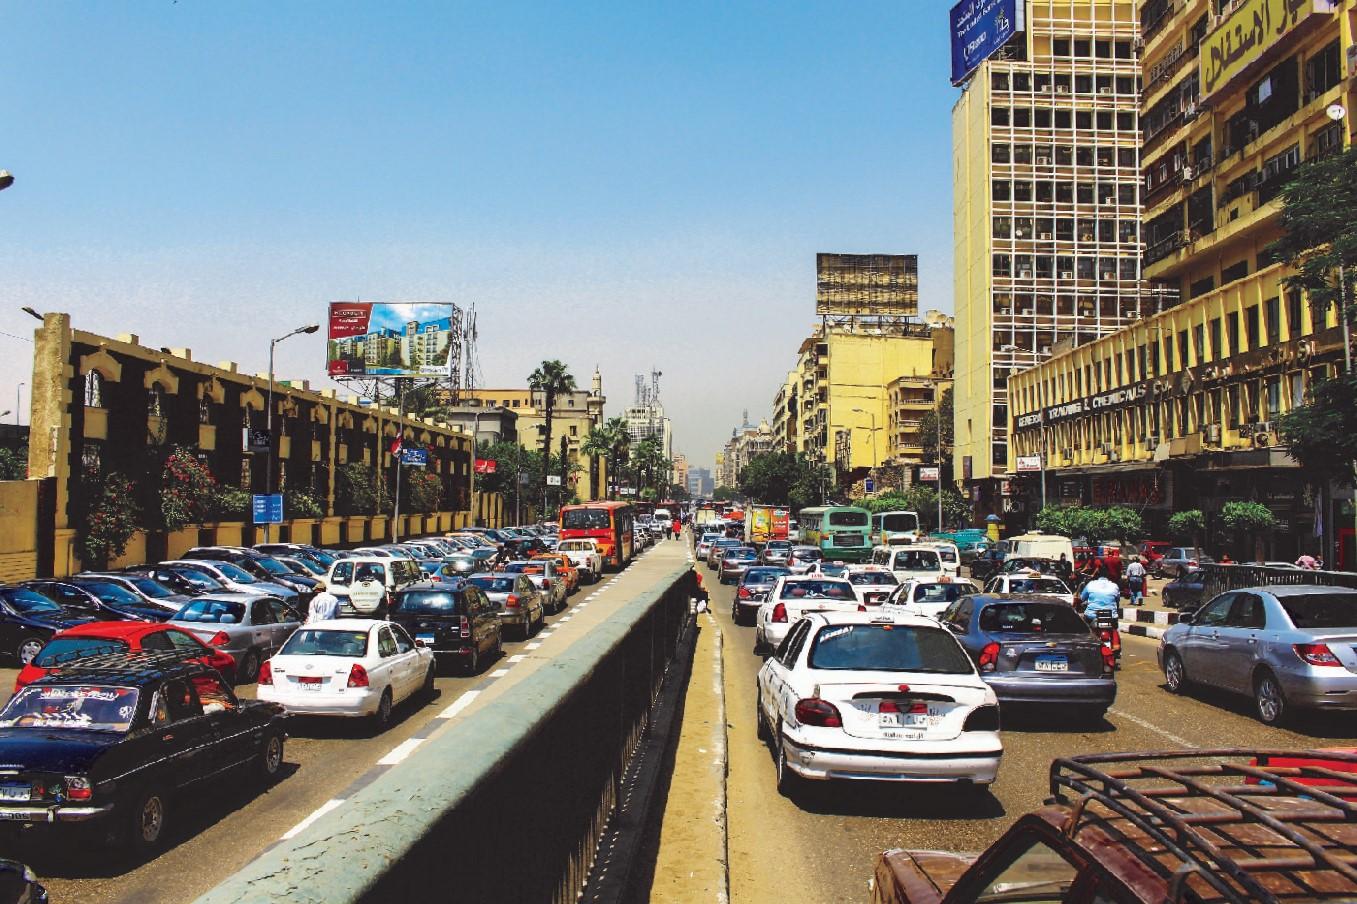 شارع رمسيس - تصوير: صديق البخشونجي